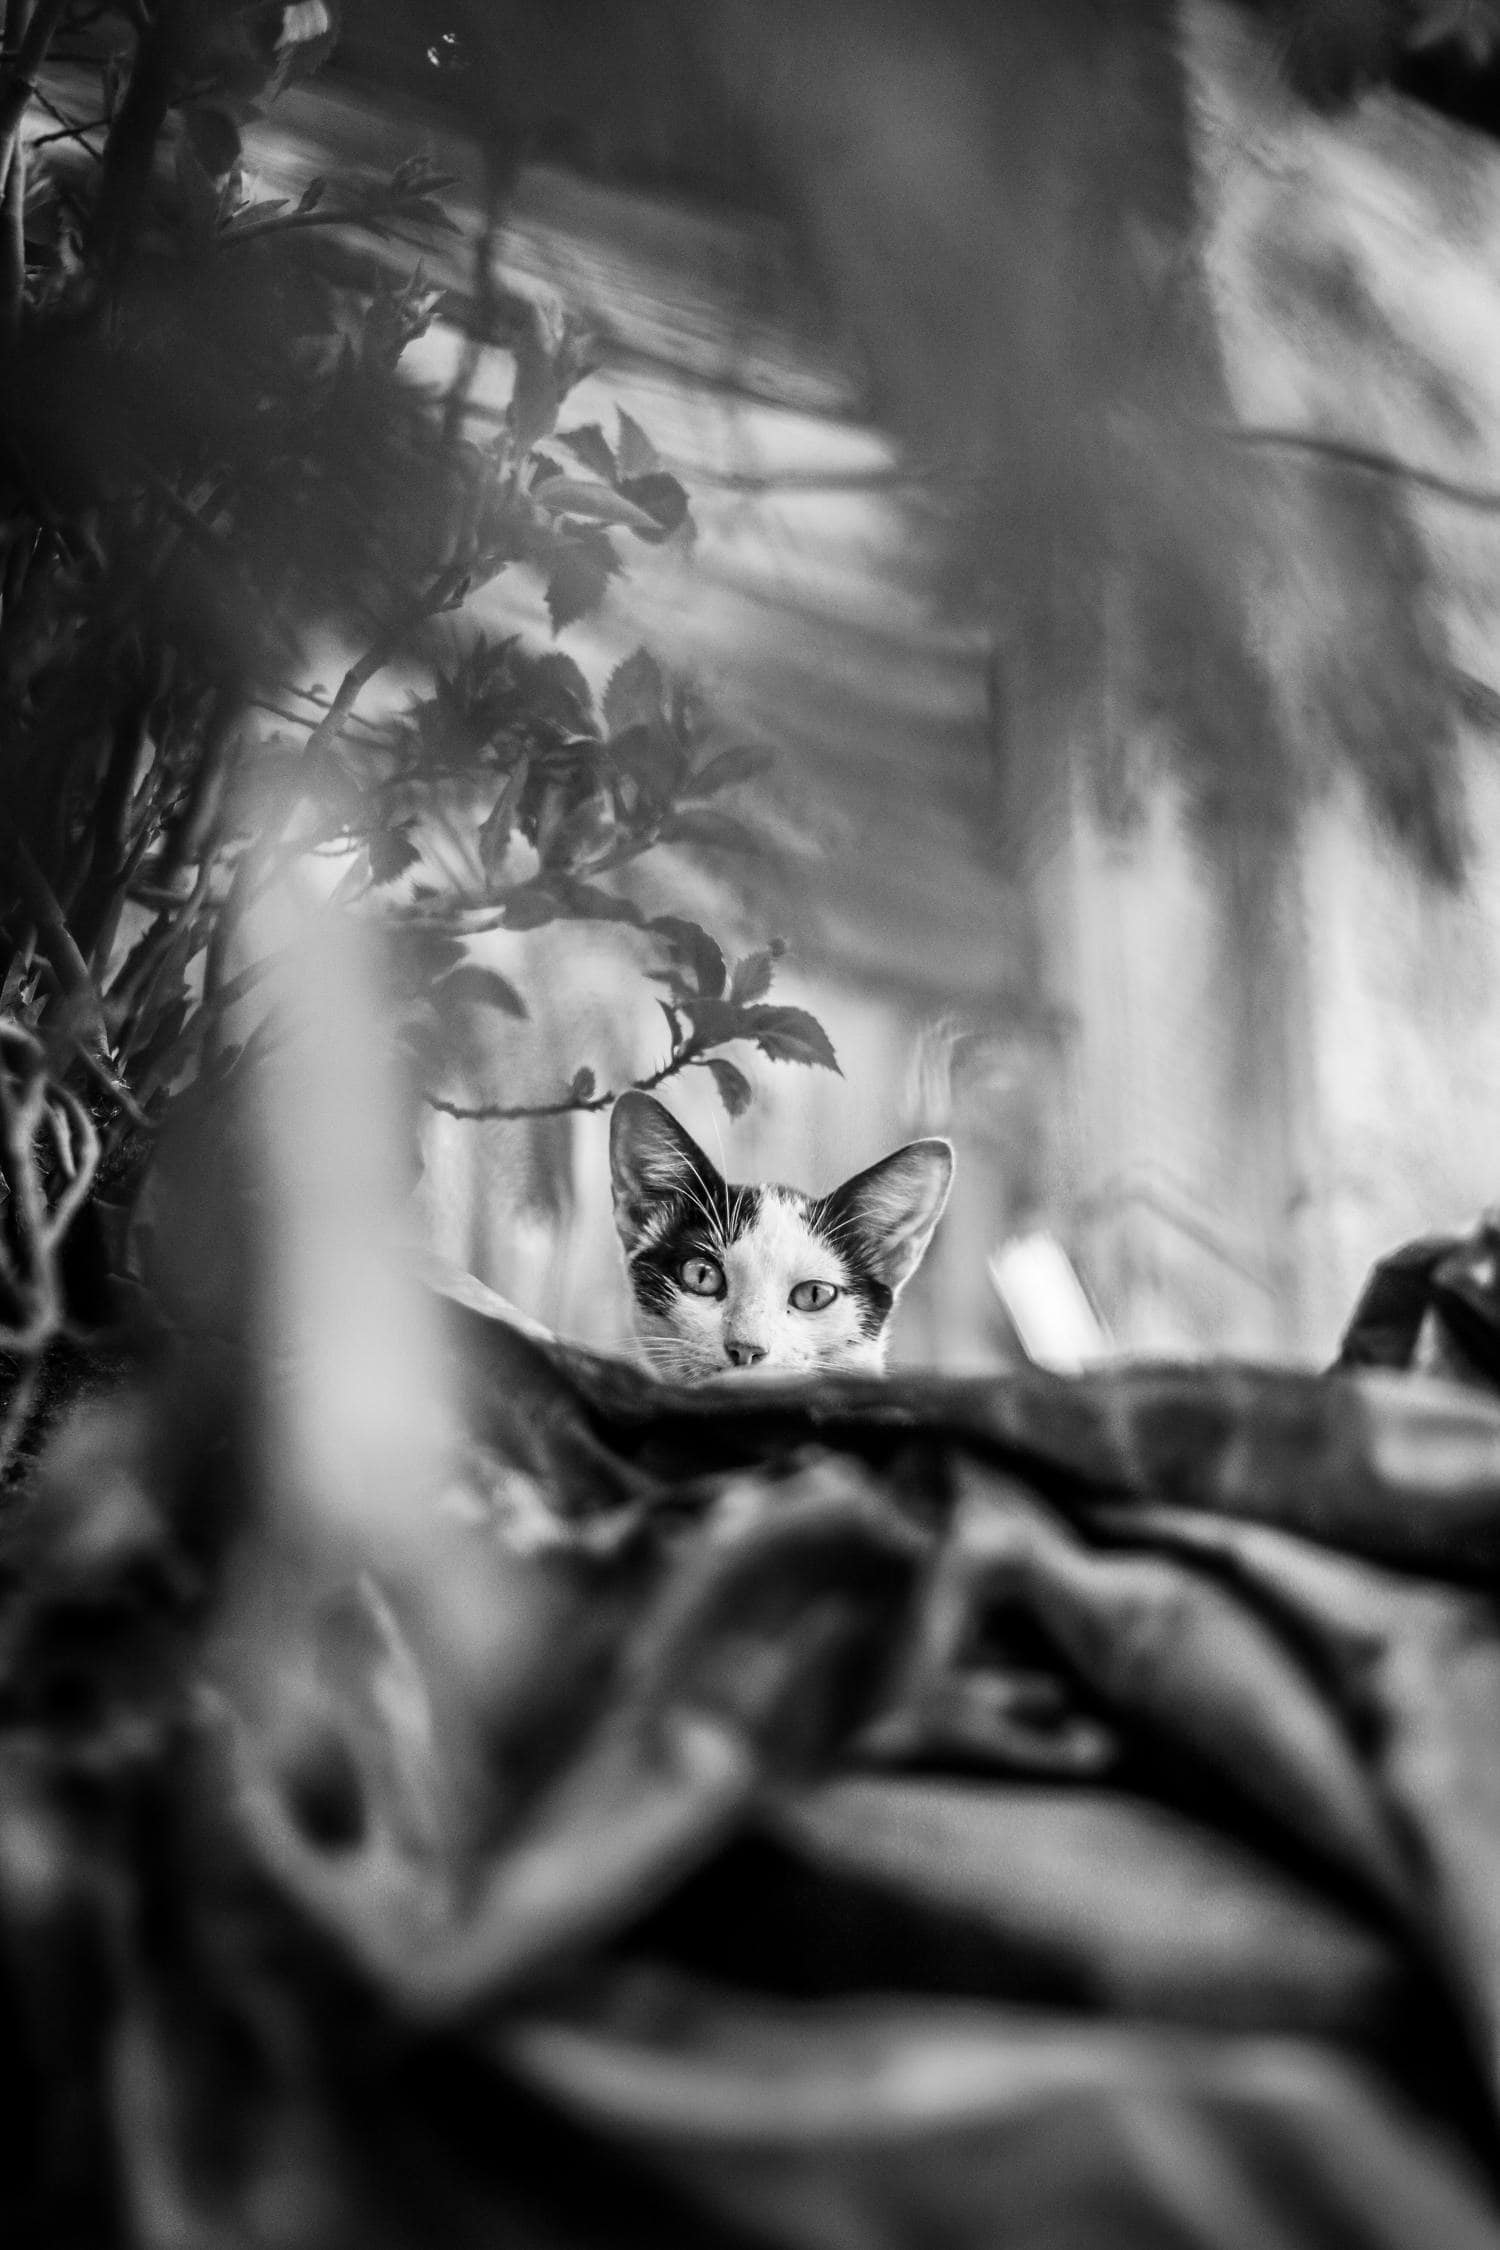 Gato fotografiado con 50mm de Nikon